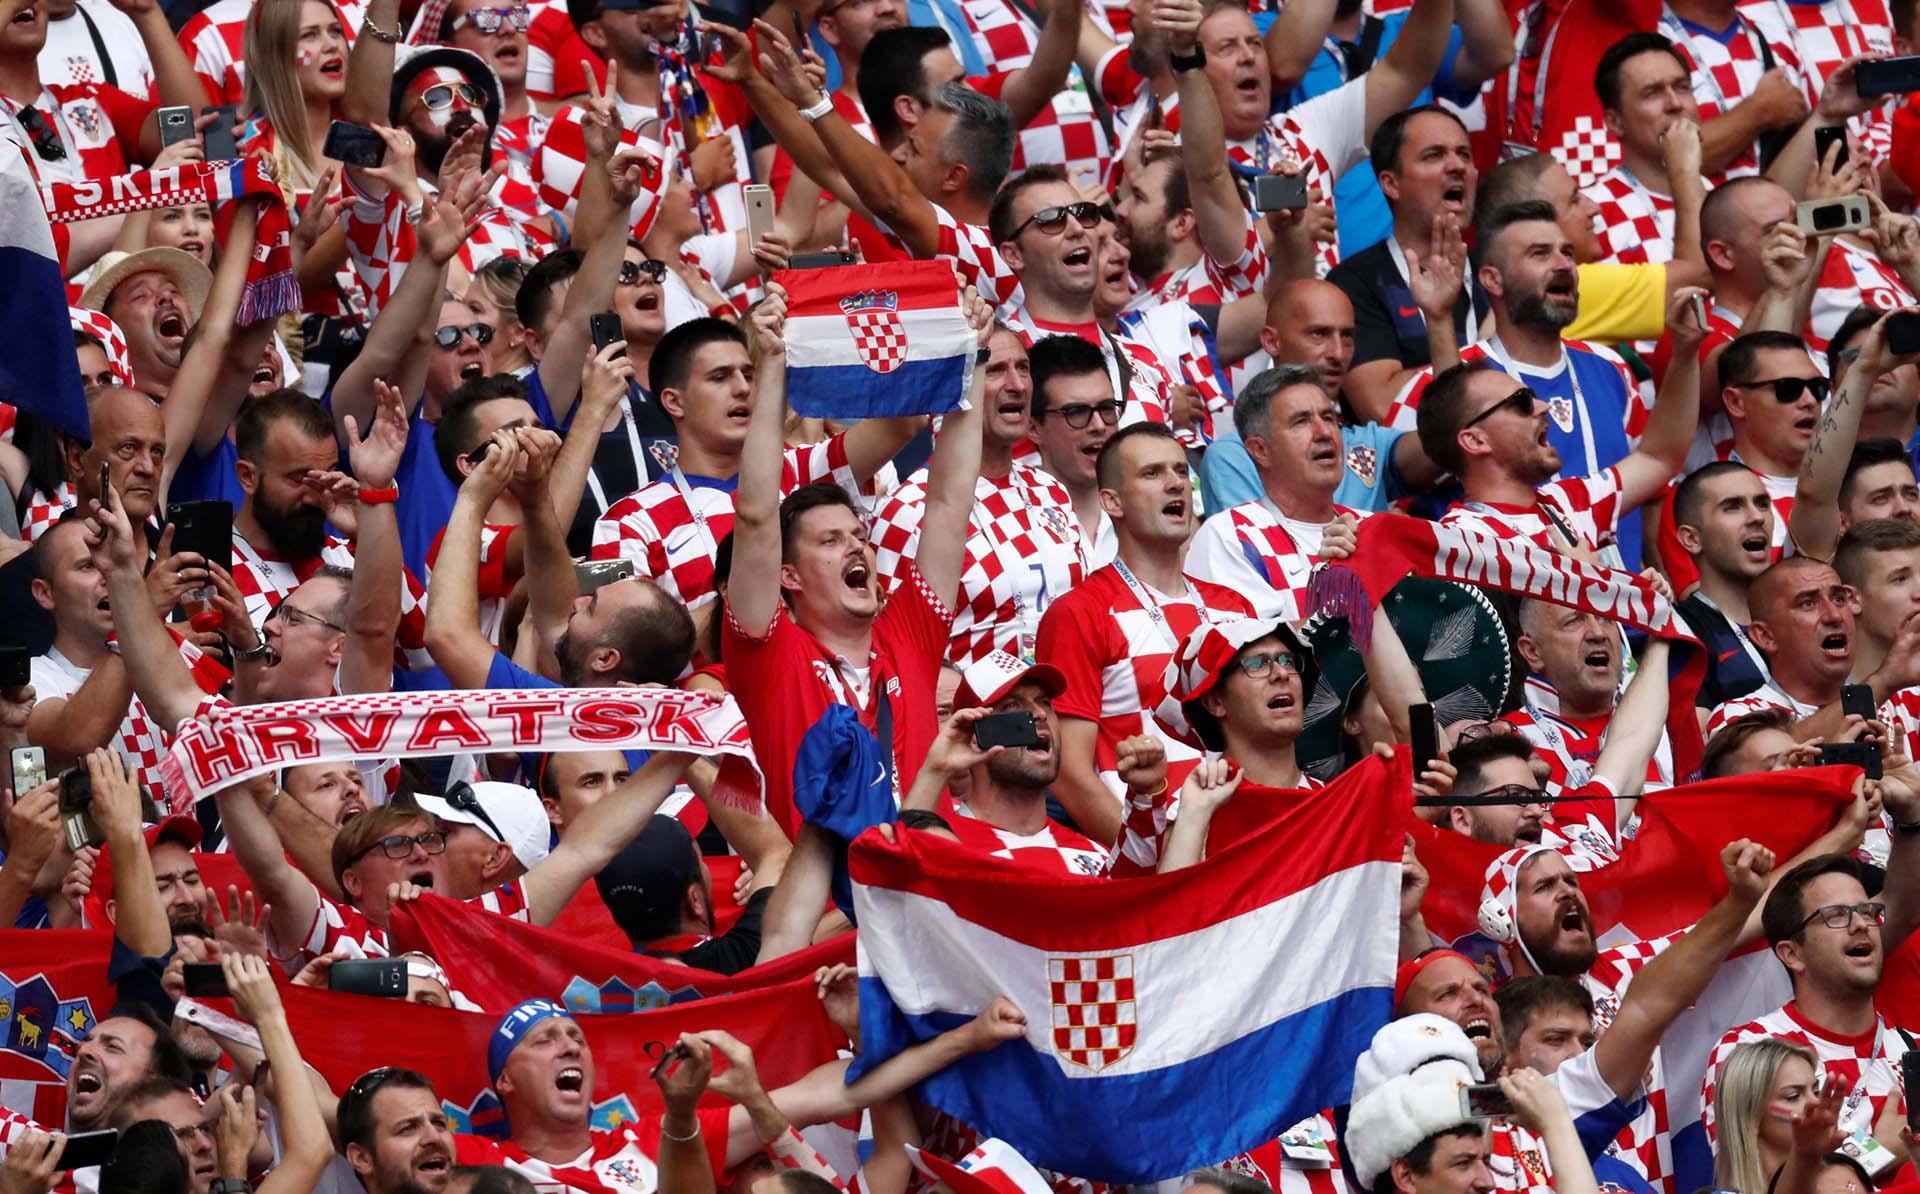 La ilusión de los hinchas croatas antes de la final